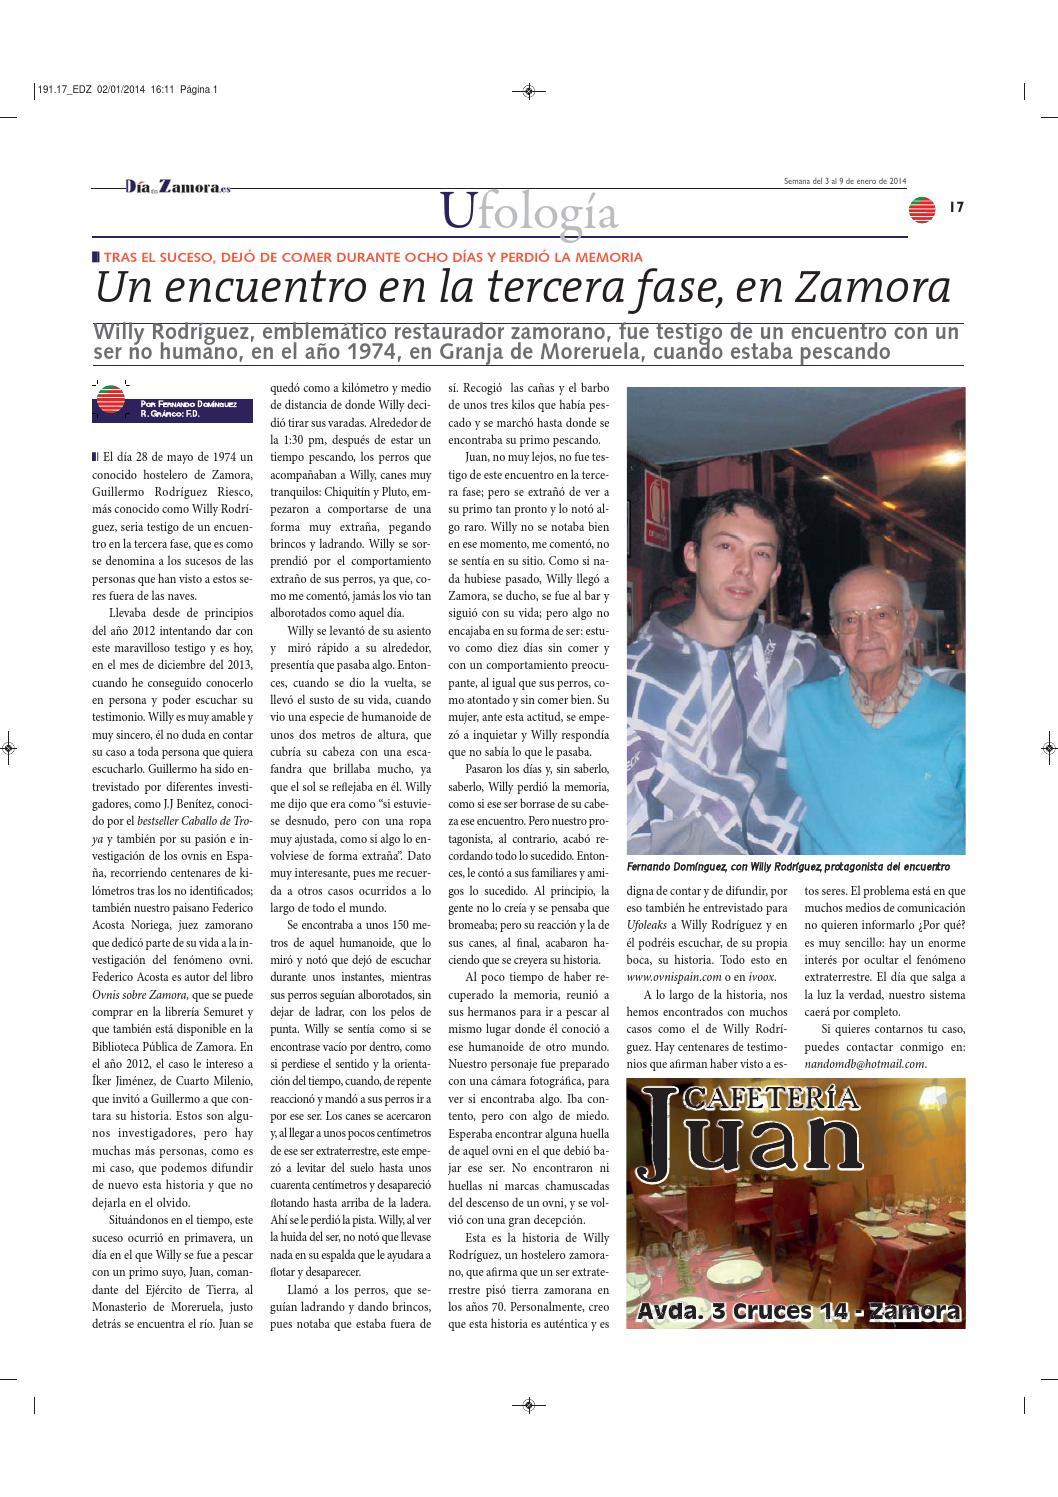 El Dia de Zamora